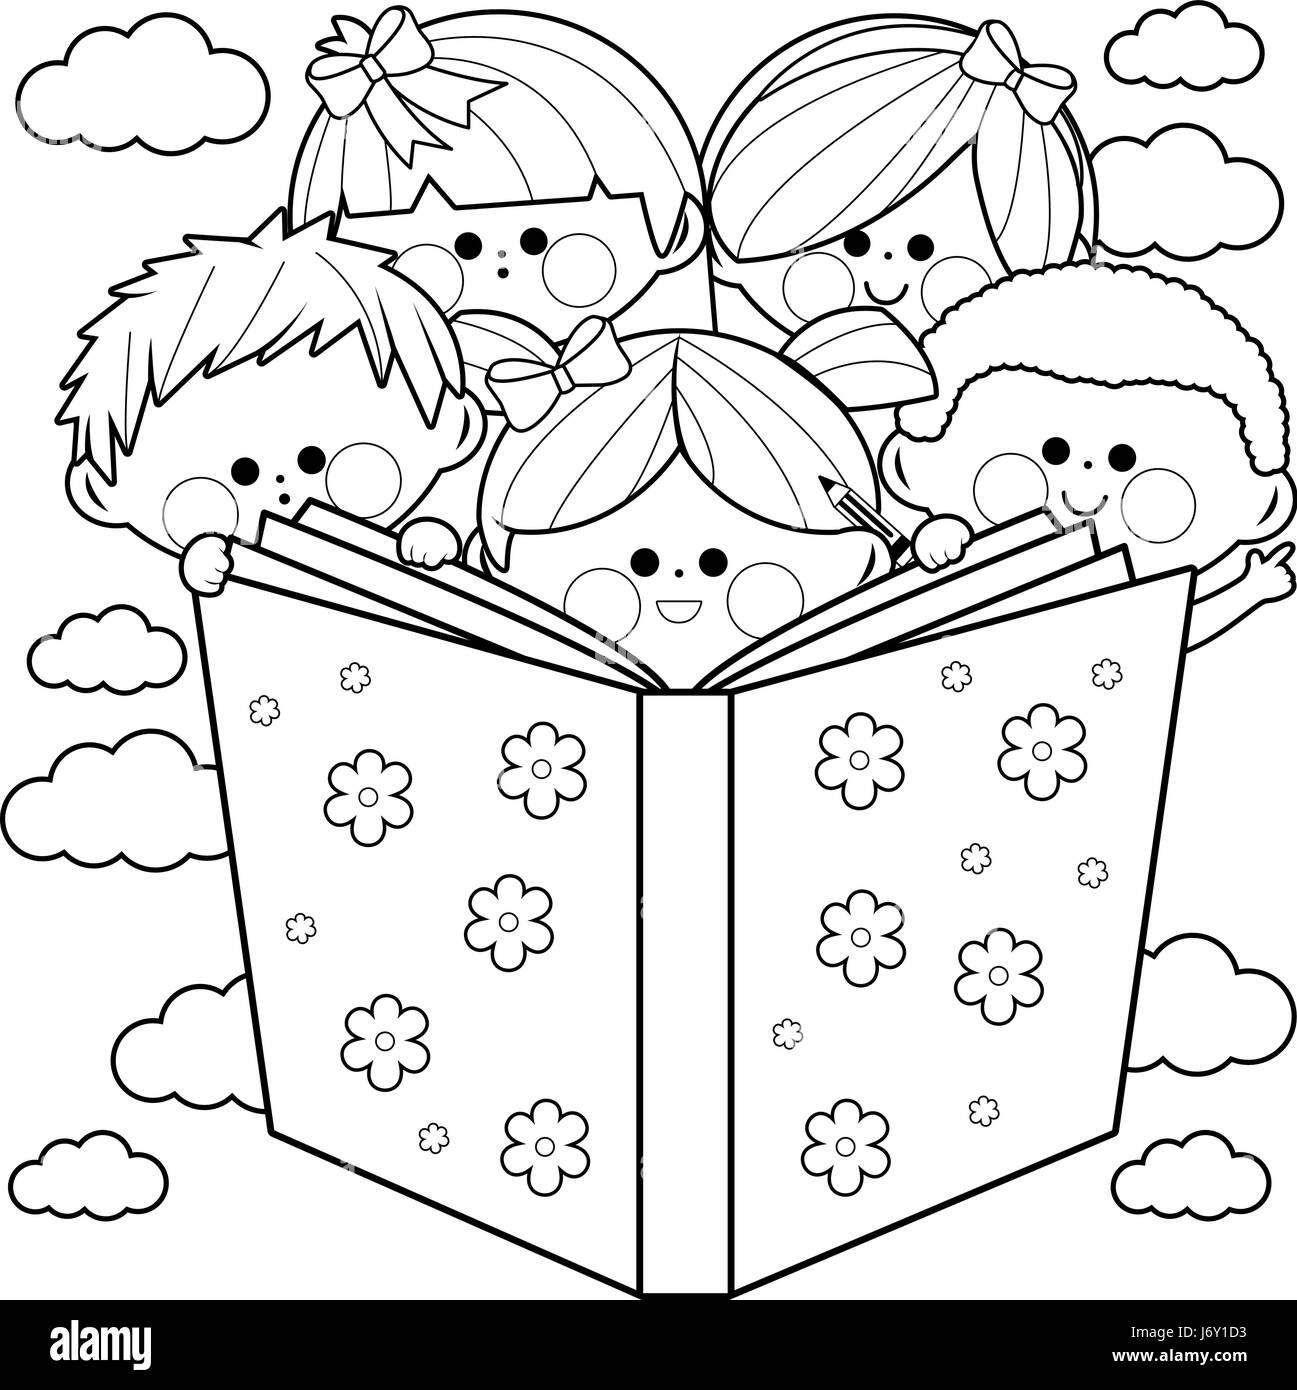 Pagina Del Libro Da Colorare Per Bambini E Ragazzi Immagini E Fotos Stock Alamy